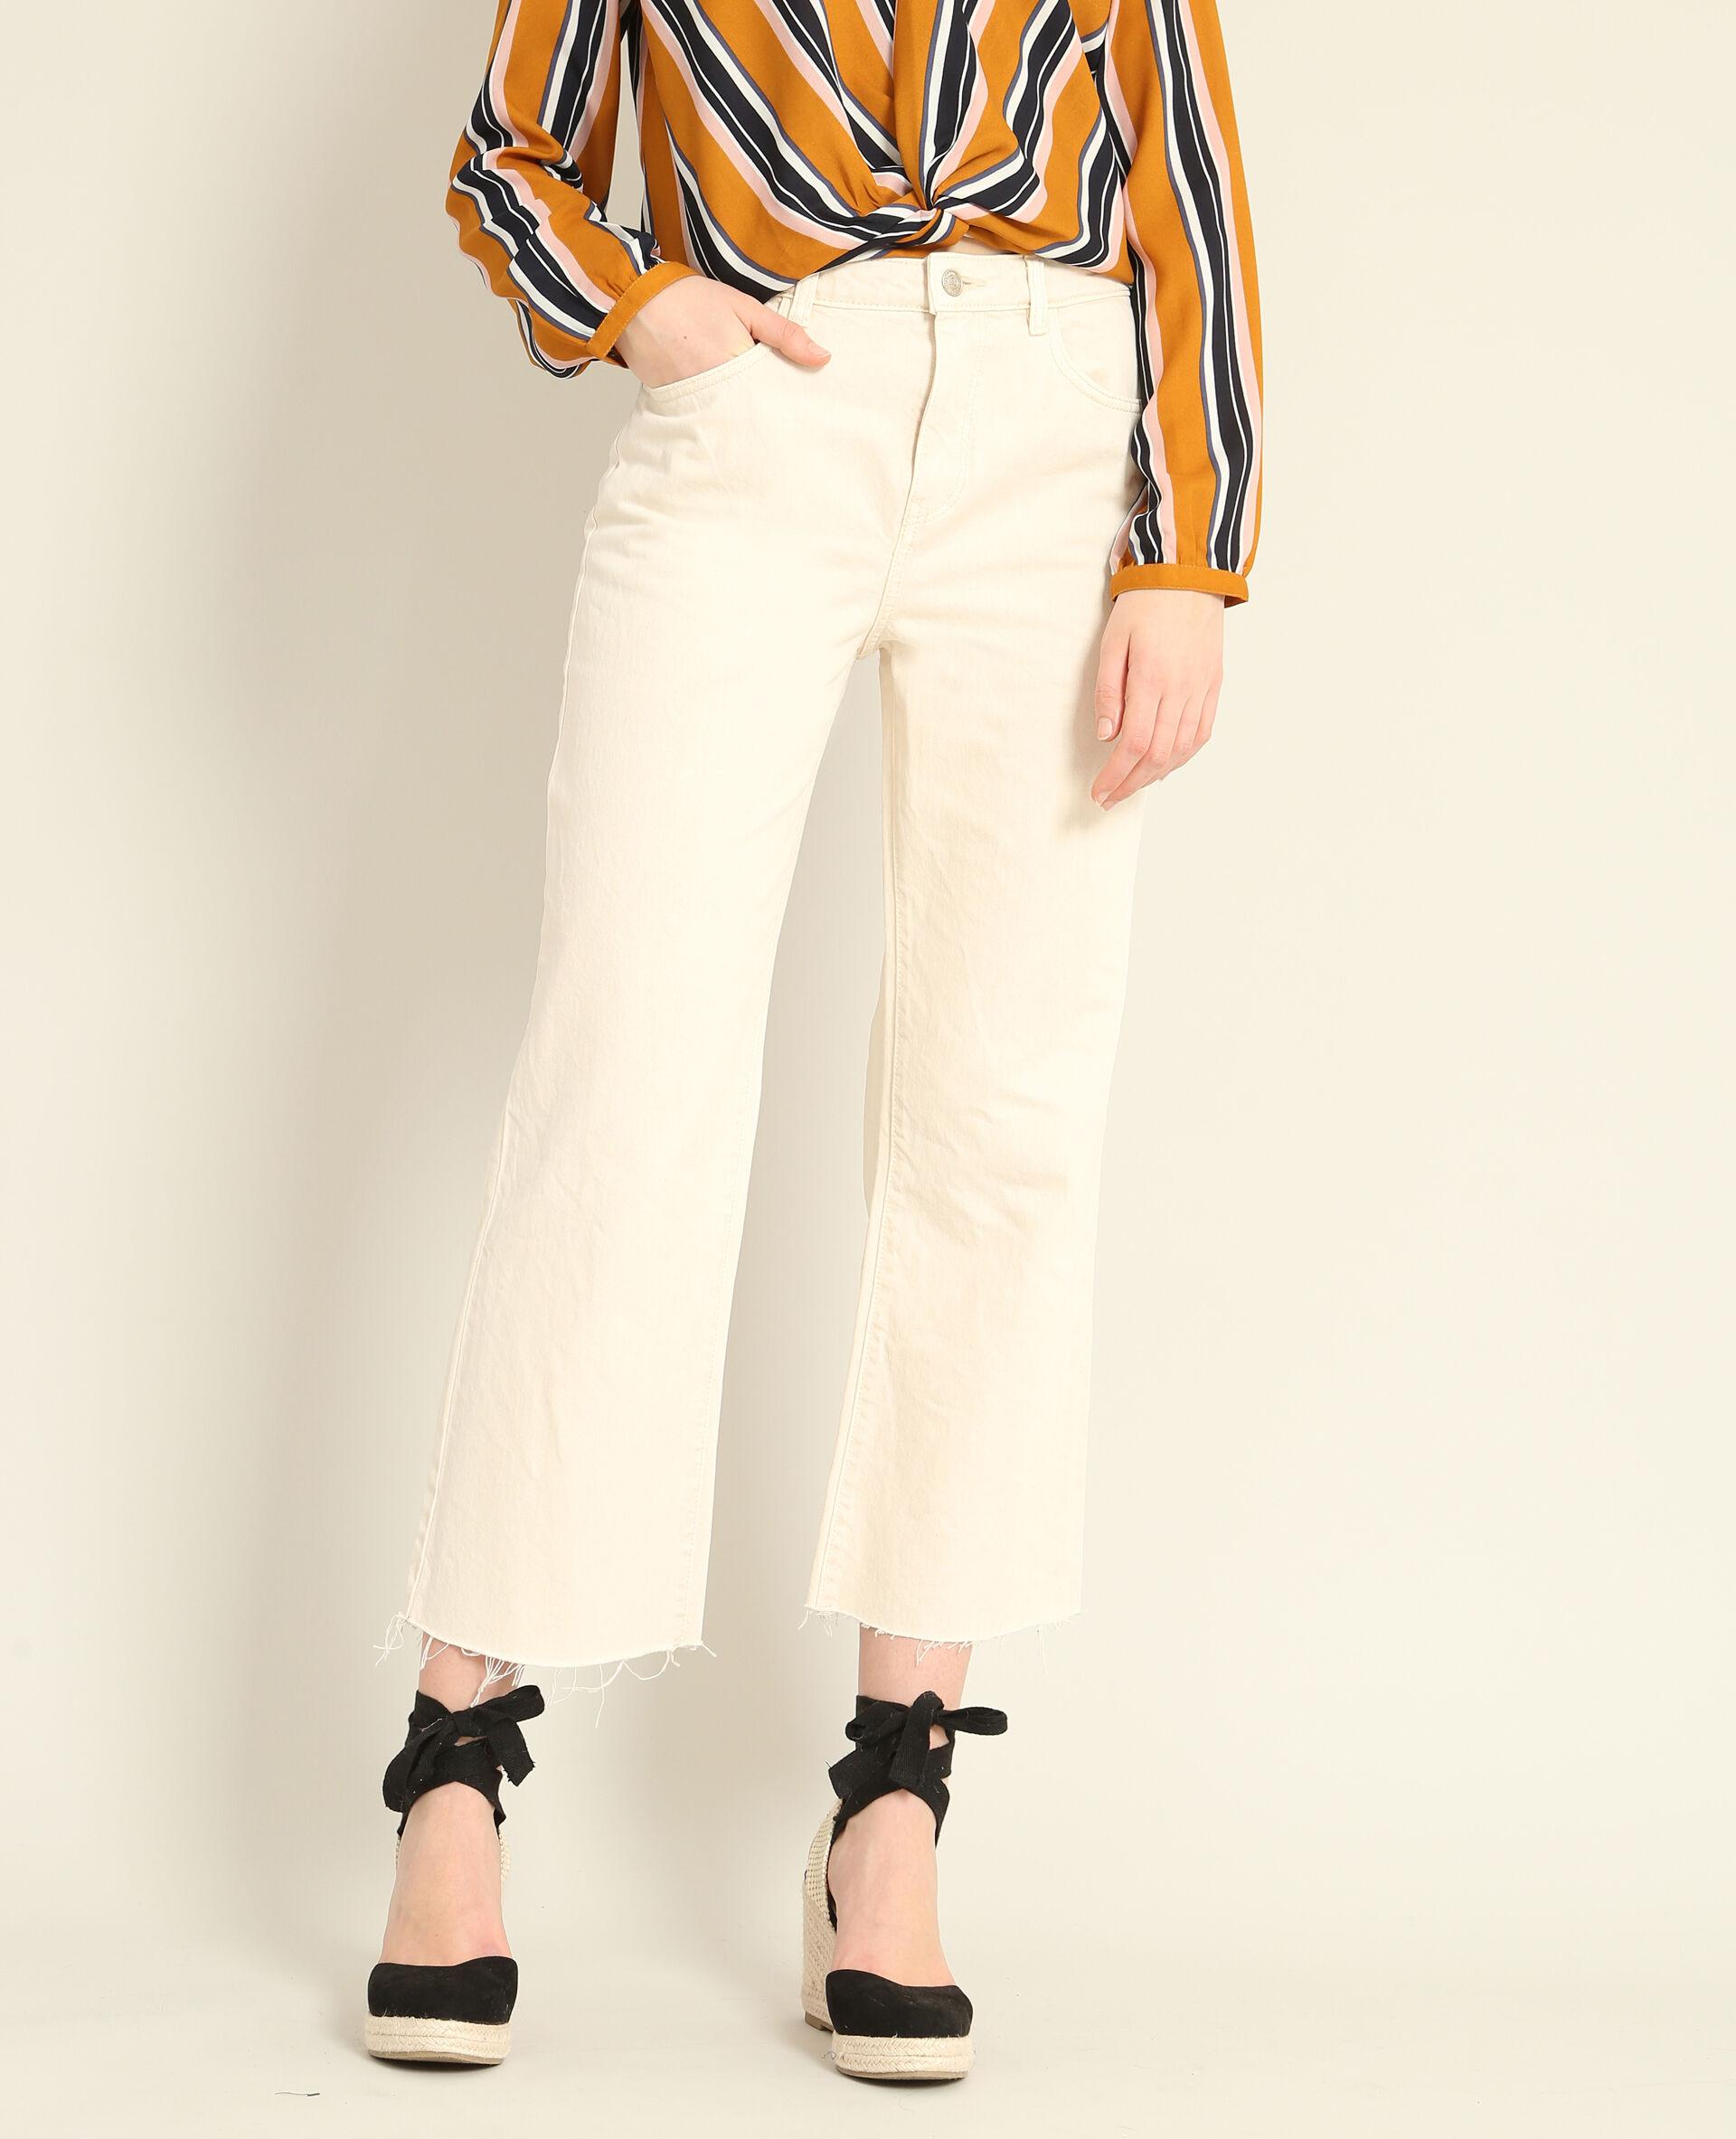 ✅Jupe culotte en jean Femme - Couleur blanc - Taille 40 - PIMKIE - MODE FEMME